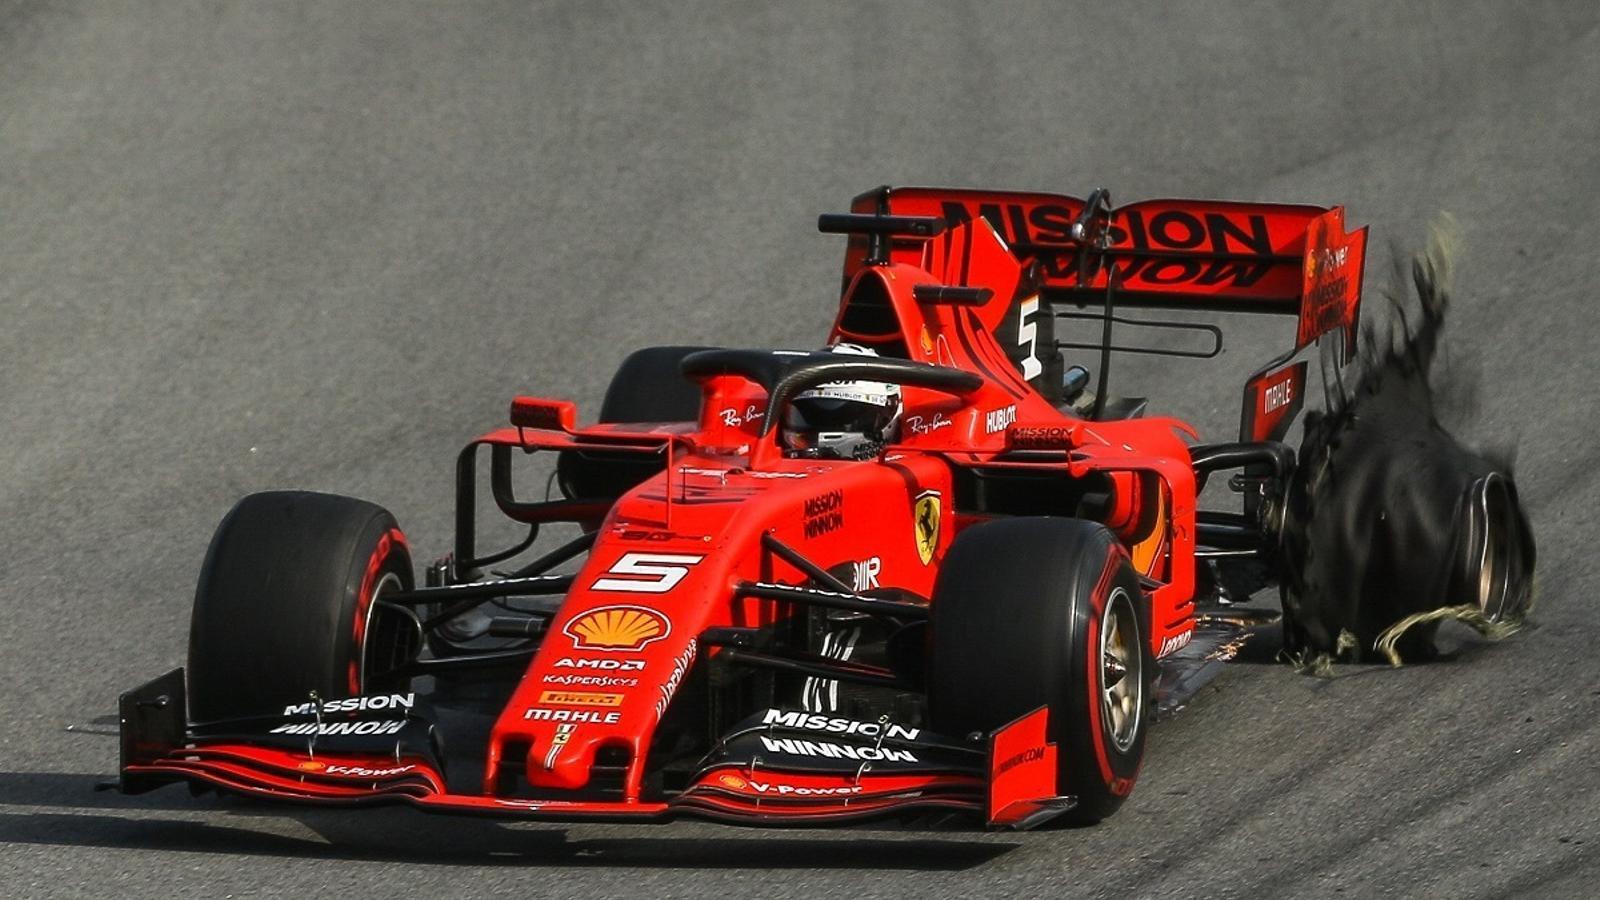 El Ferrari de Vettel, amb el neumàtic punxat, al Gran Premi del Brasil